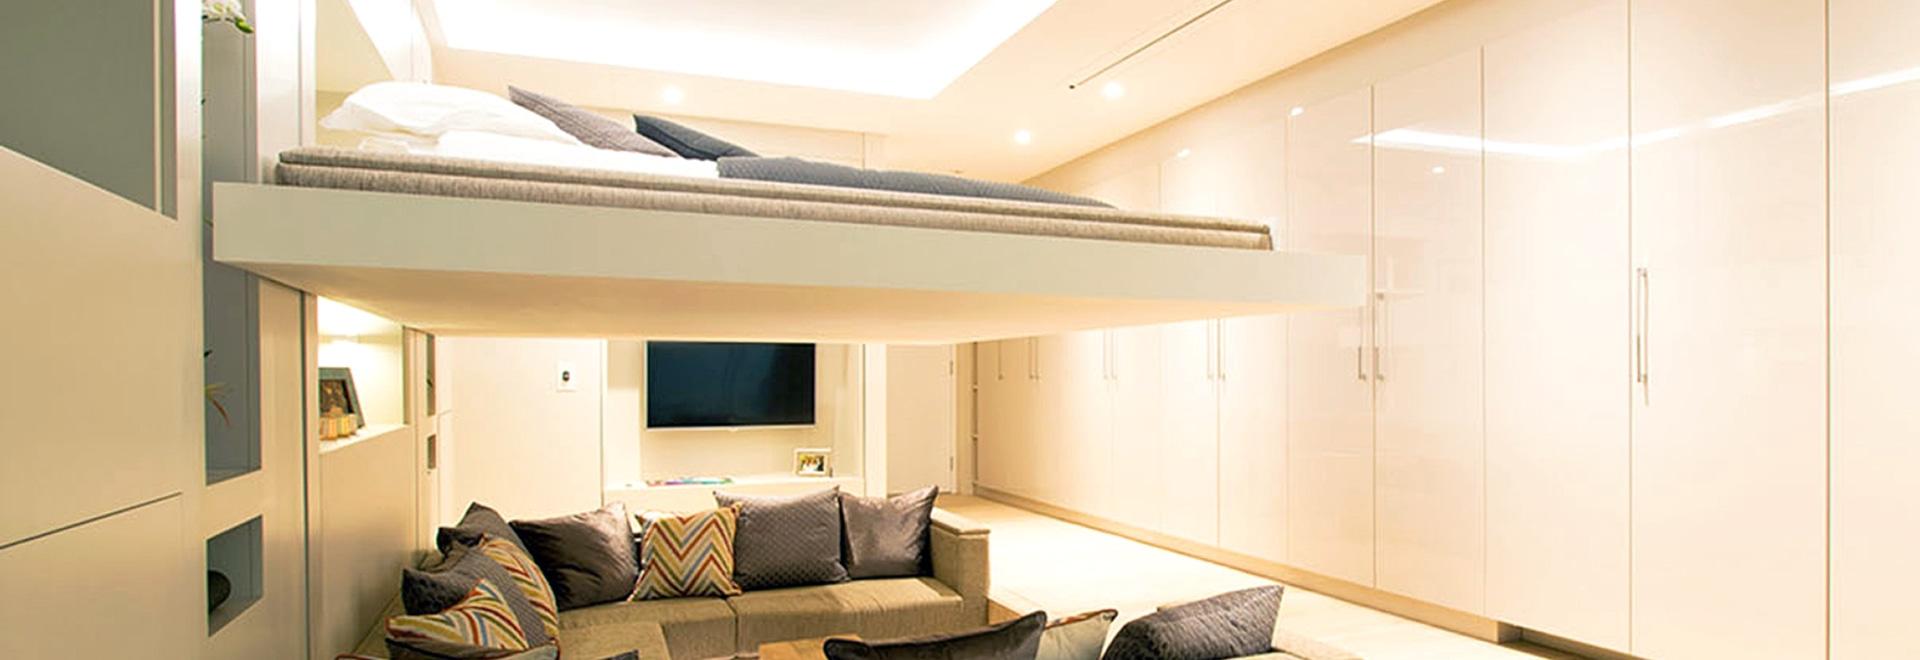 Das Bett in dieser erstaunlichen Wohnung fällt unten von der Decke ...